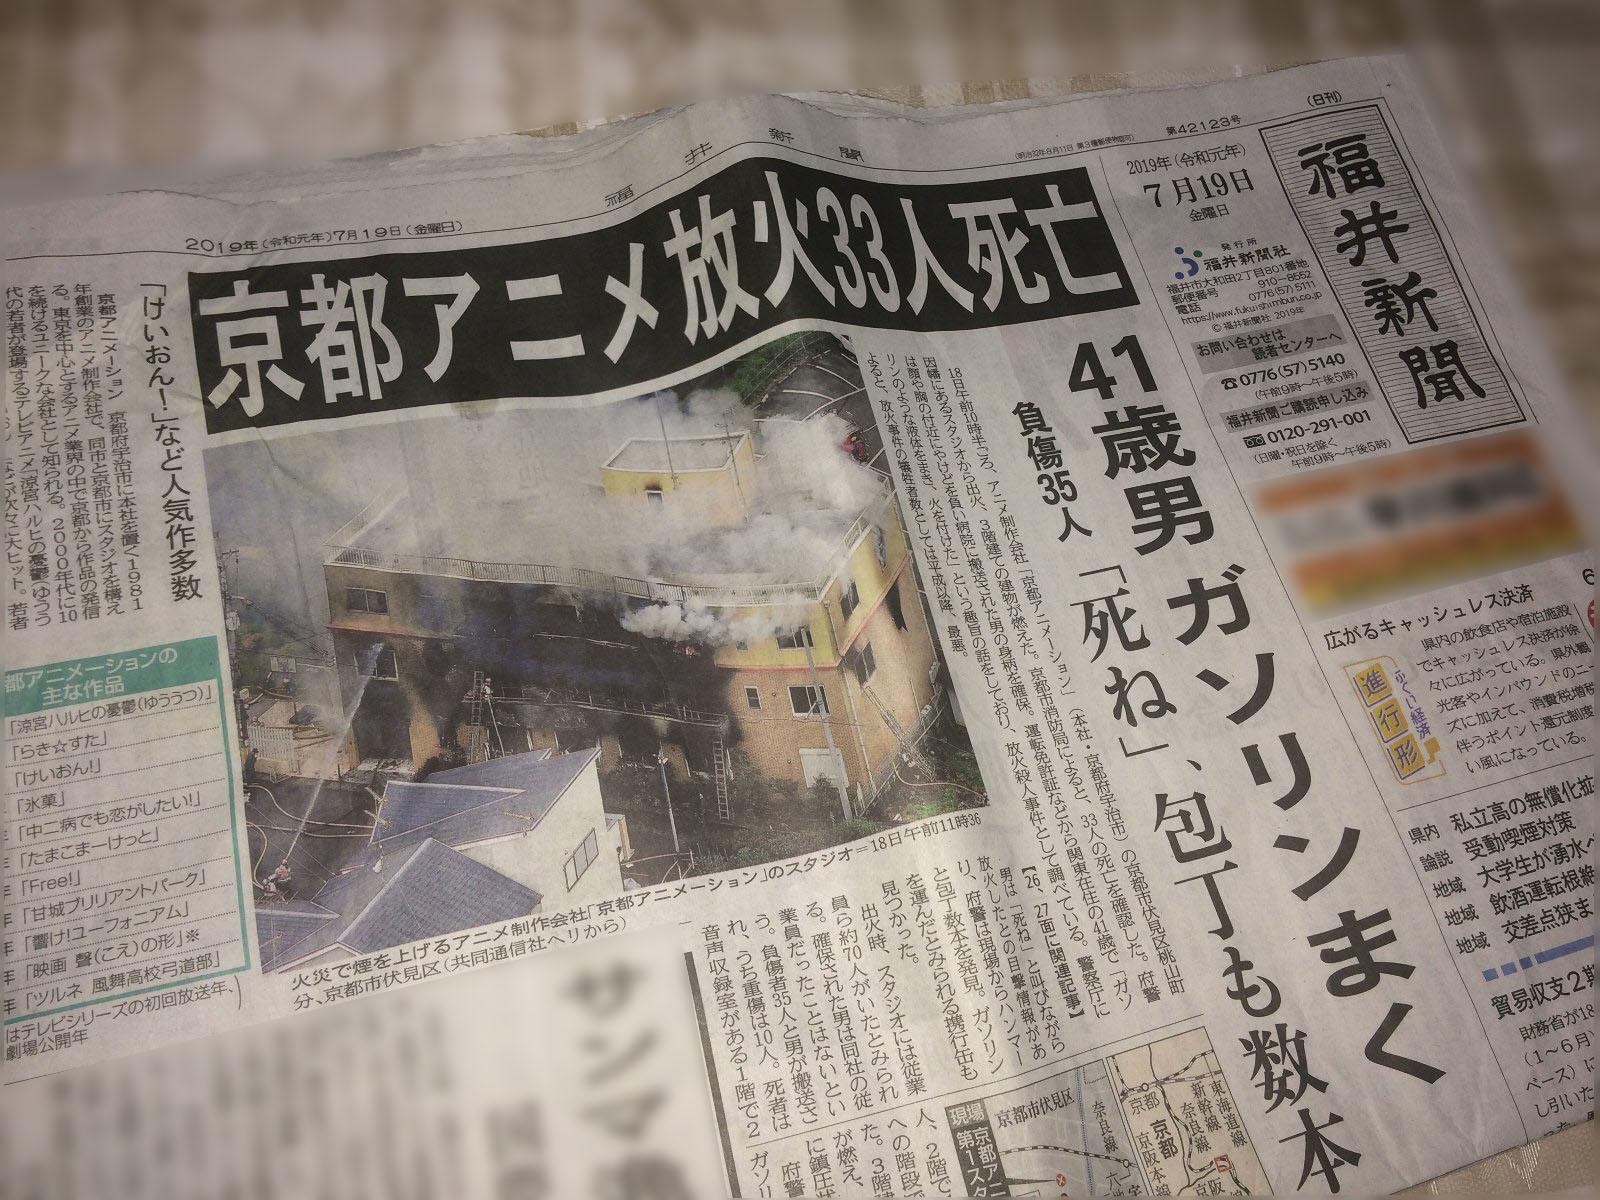 2019年7月19日付け新聞